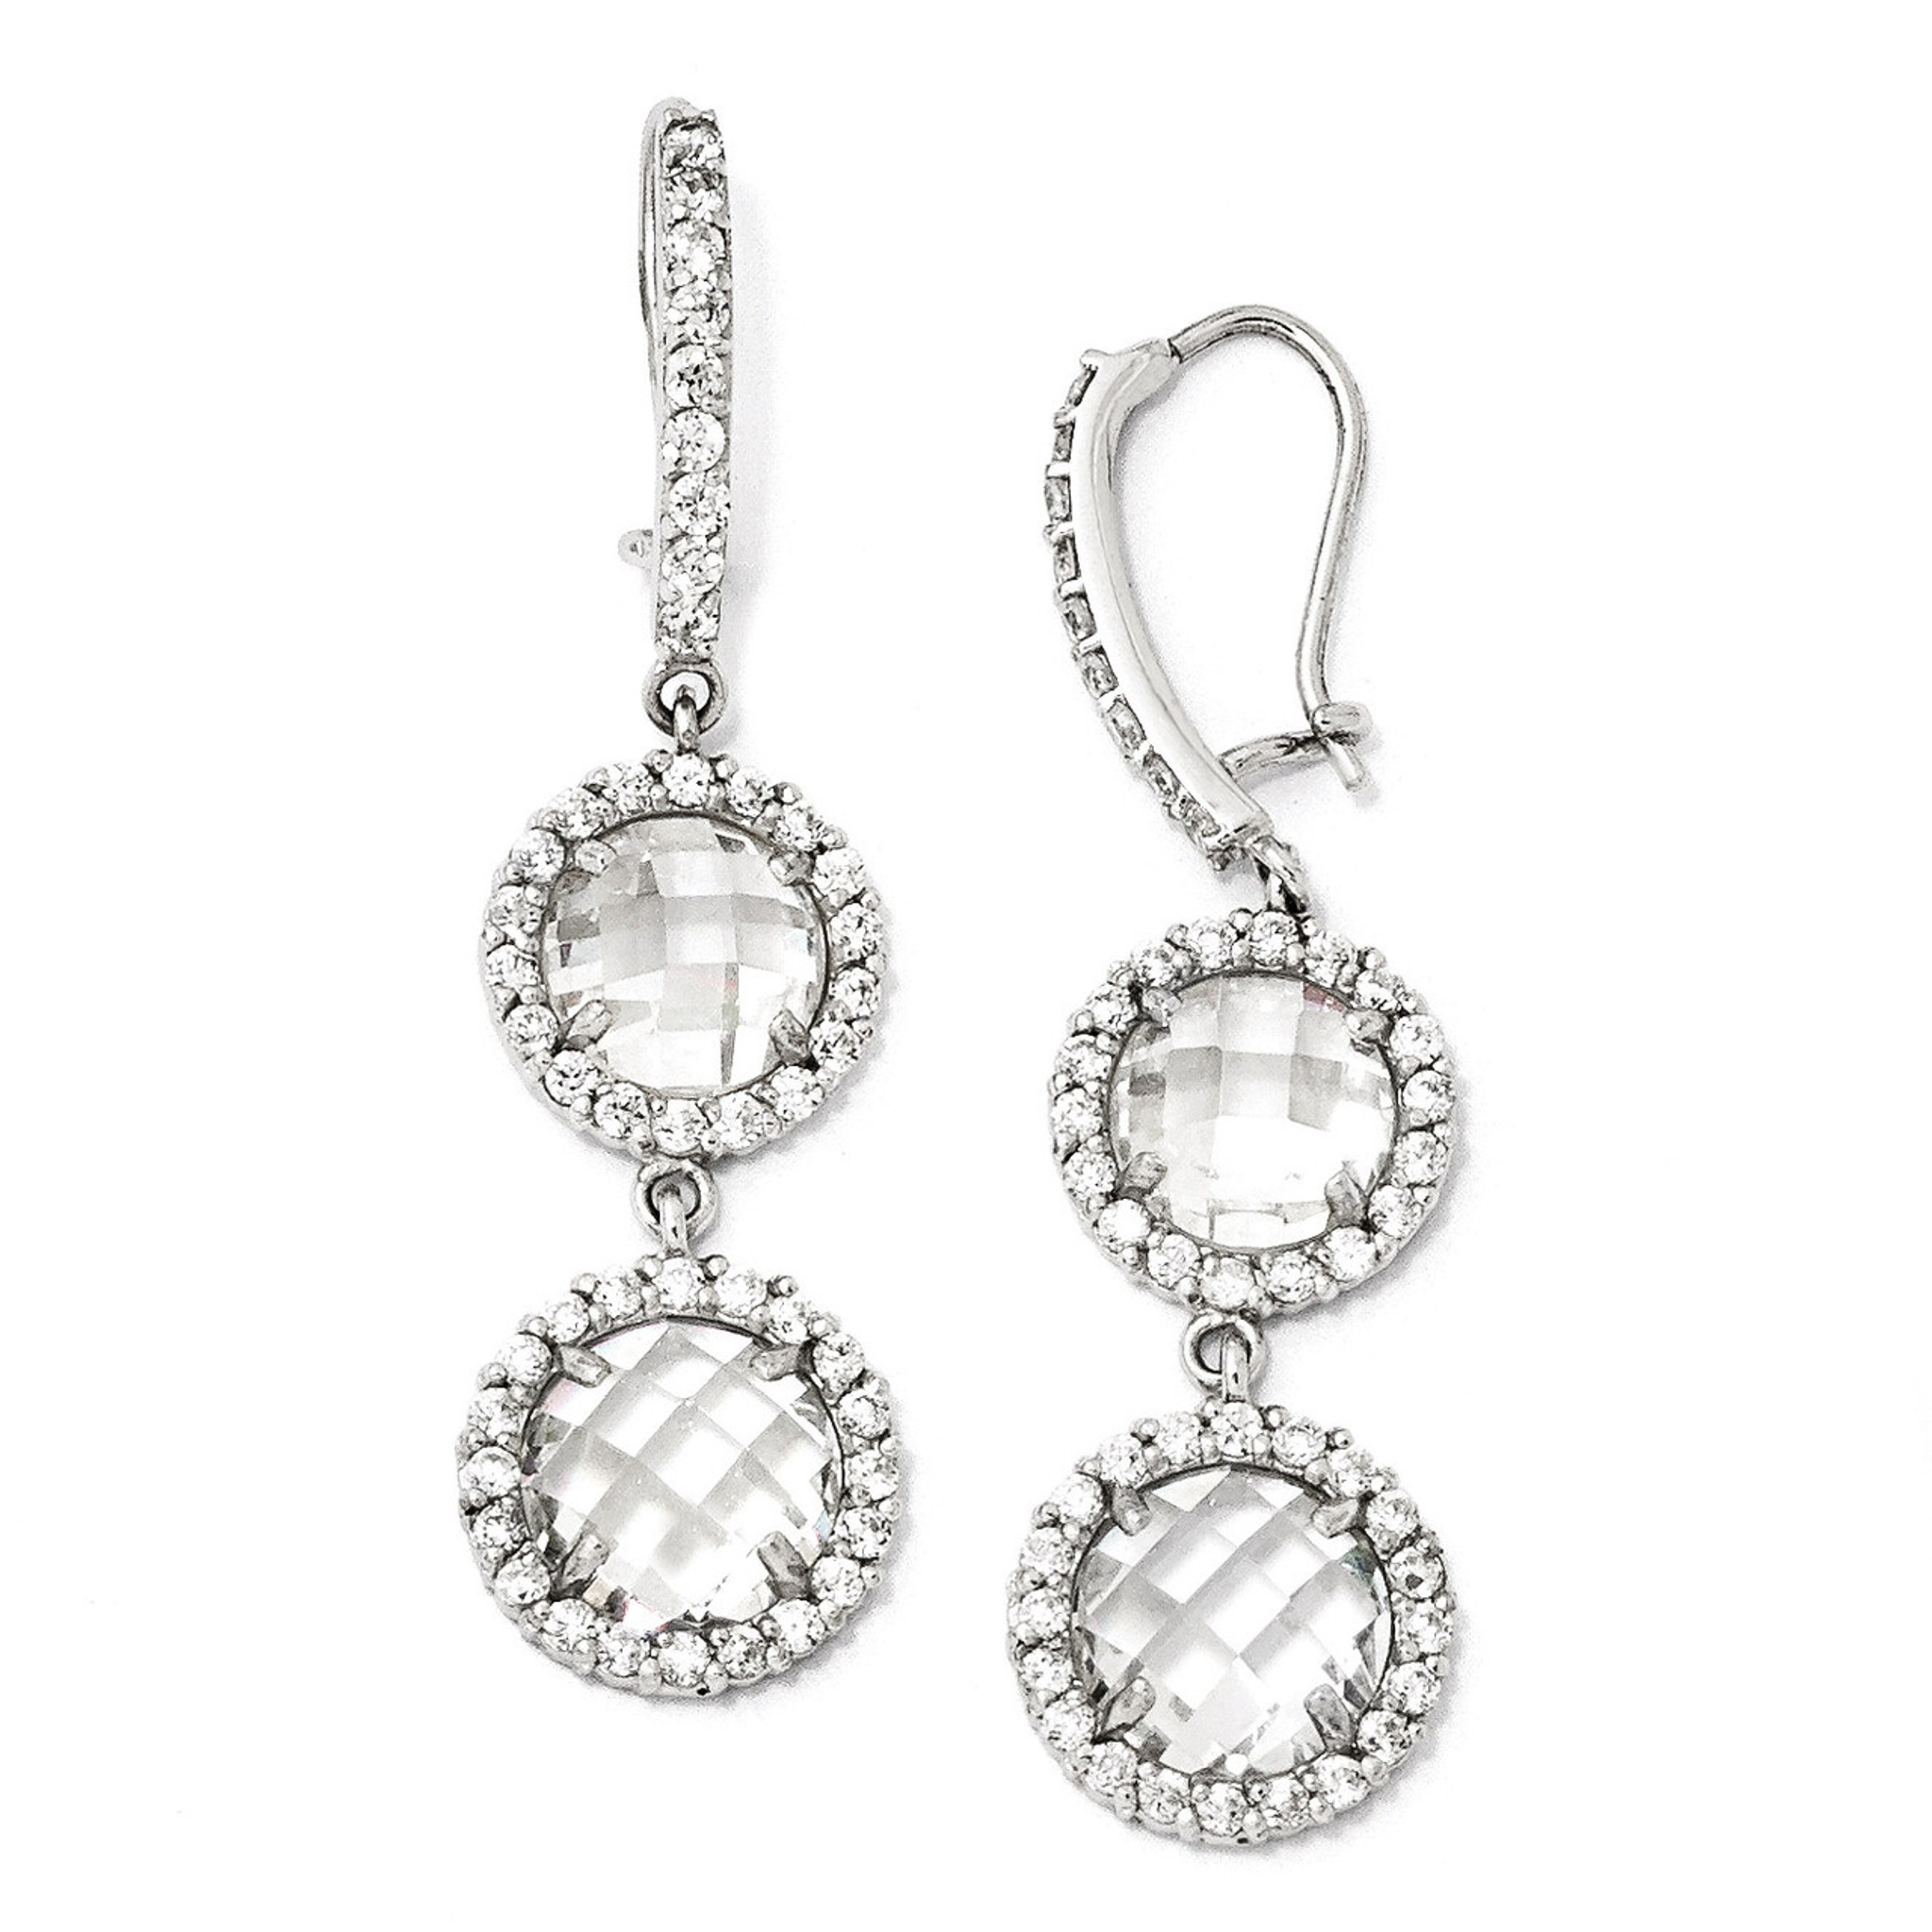 Cheryl M Checker-cut Cubic Zirconia 2-stone Kidney Wire Earrings ...